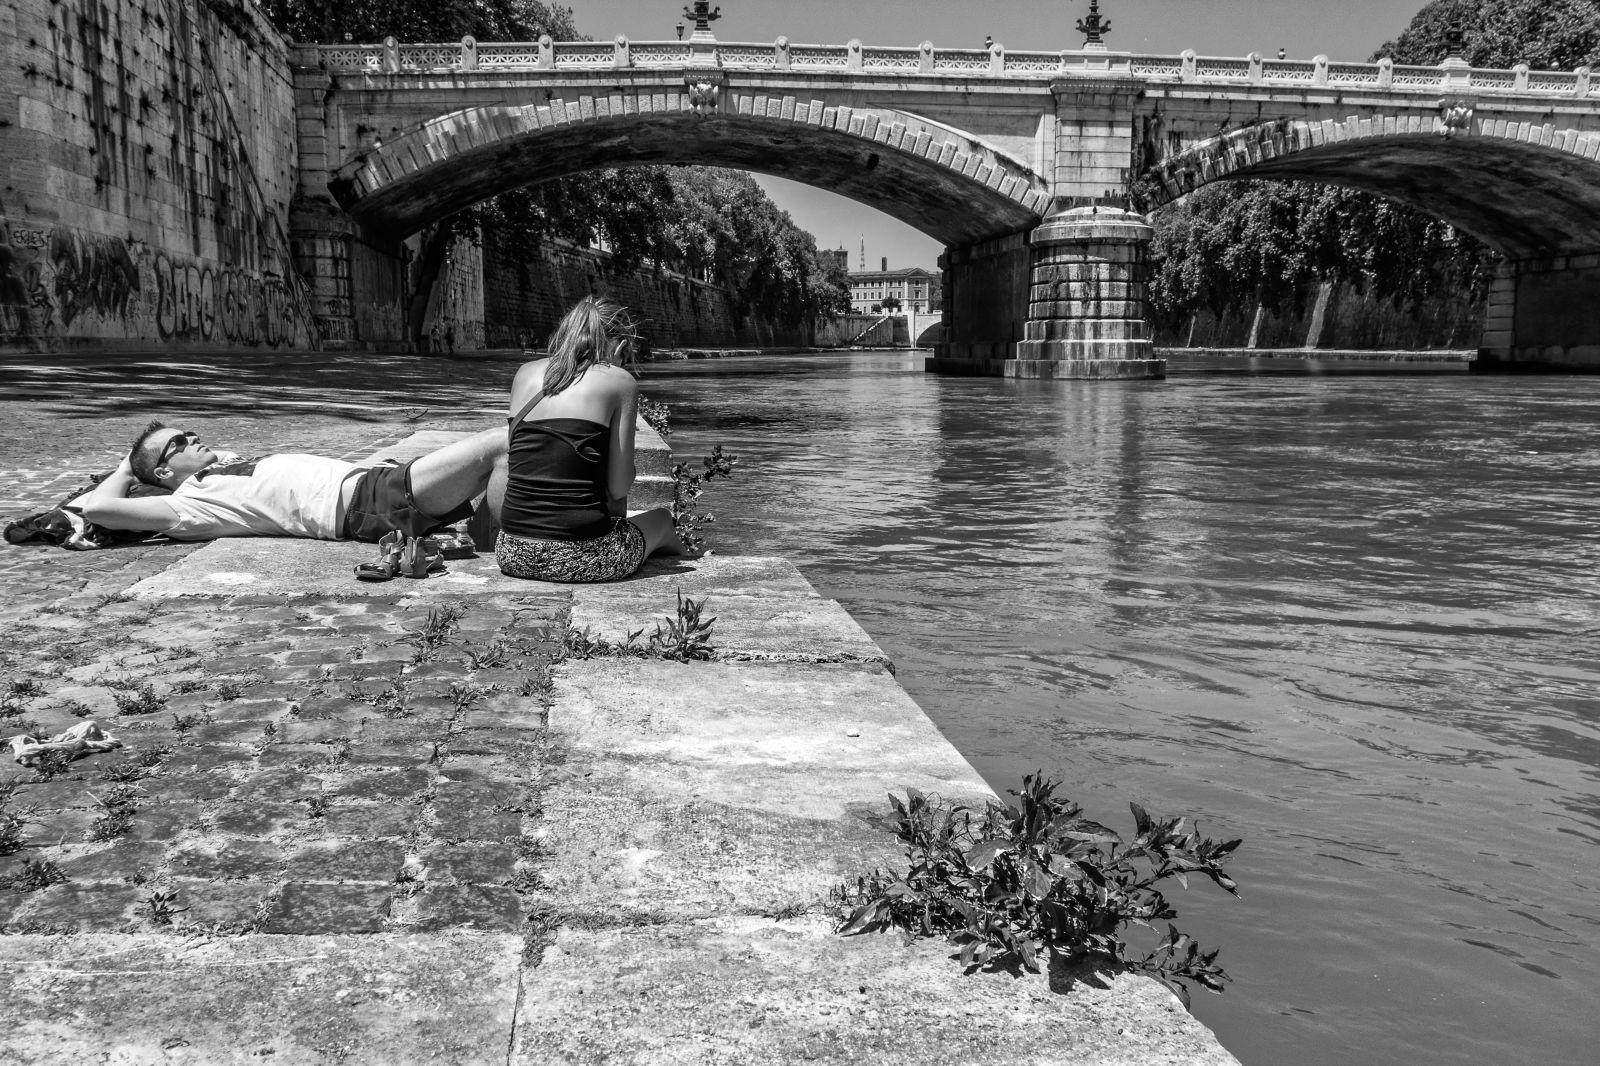 Quiet flows the river...